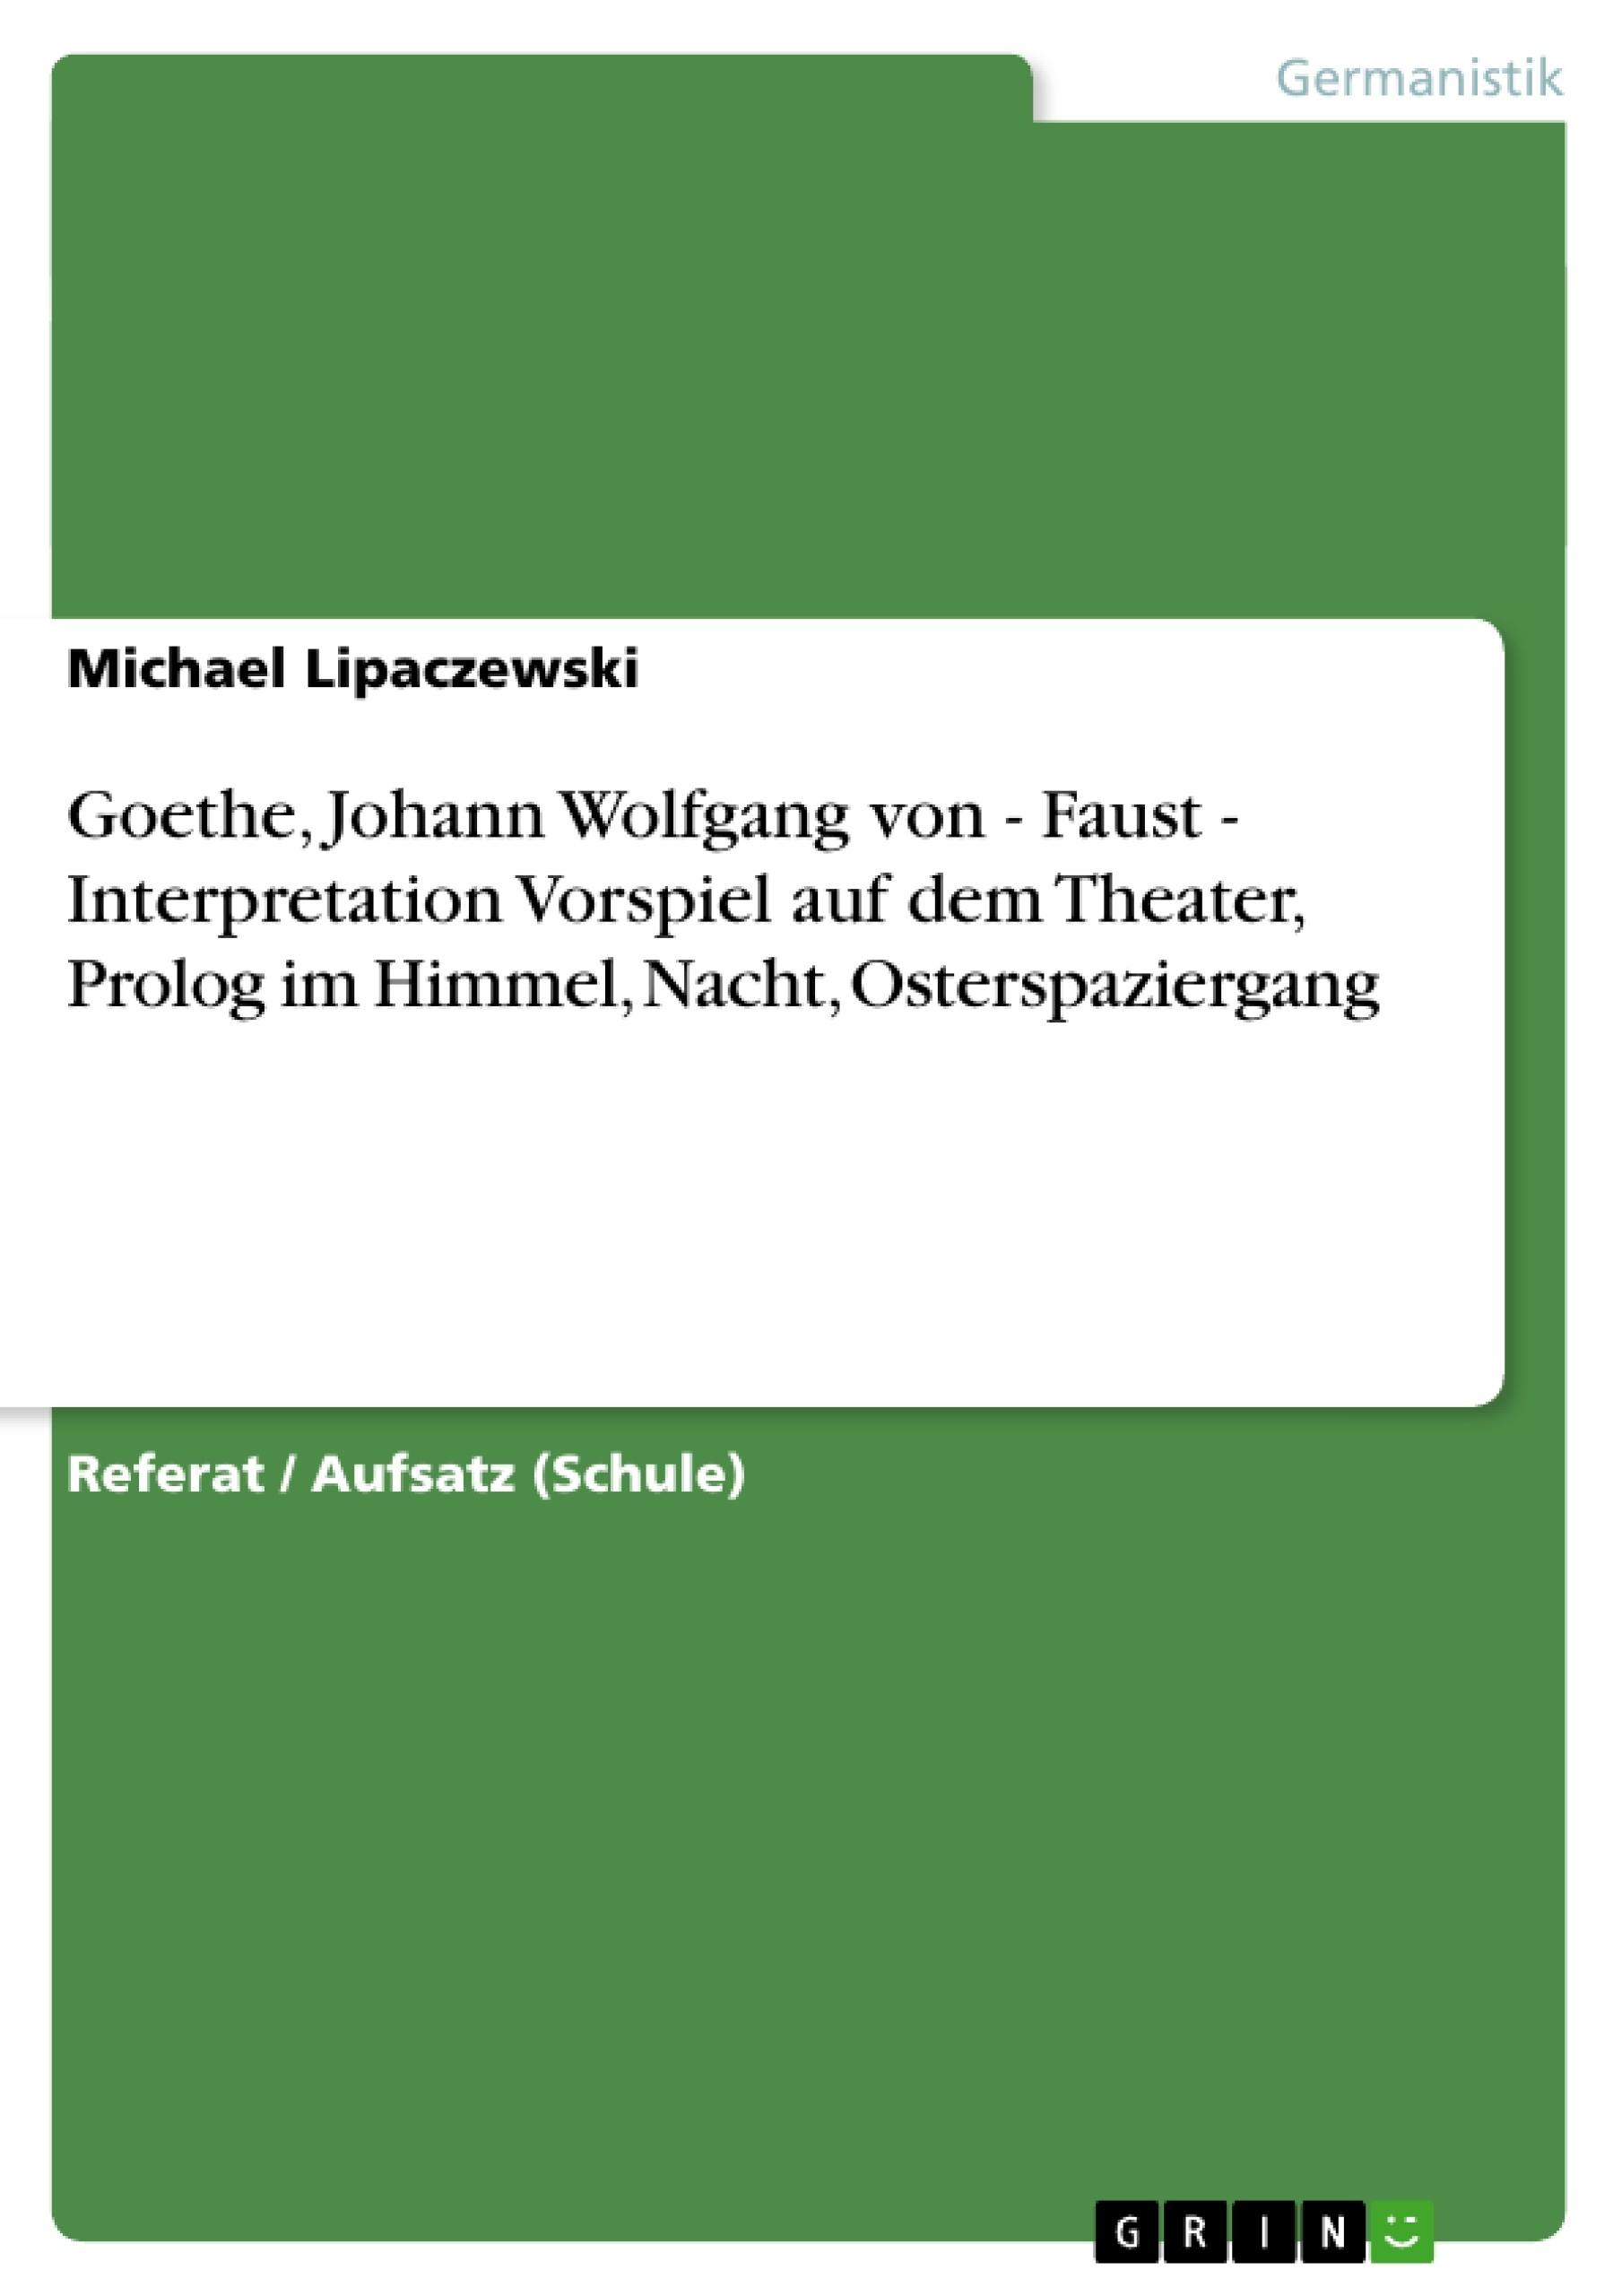 Titel: Goethe, Johann Wolfgang von - Faust - Interpretation Vorspiel auf dem Theater, Prolog im Himmel, Nacht, Osterspaziergang